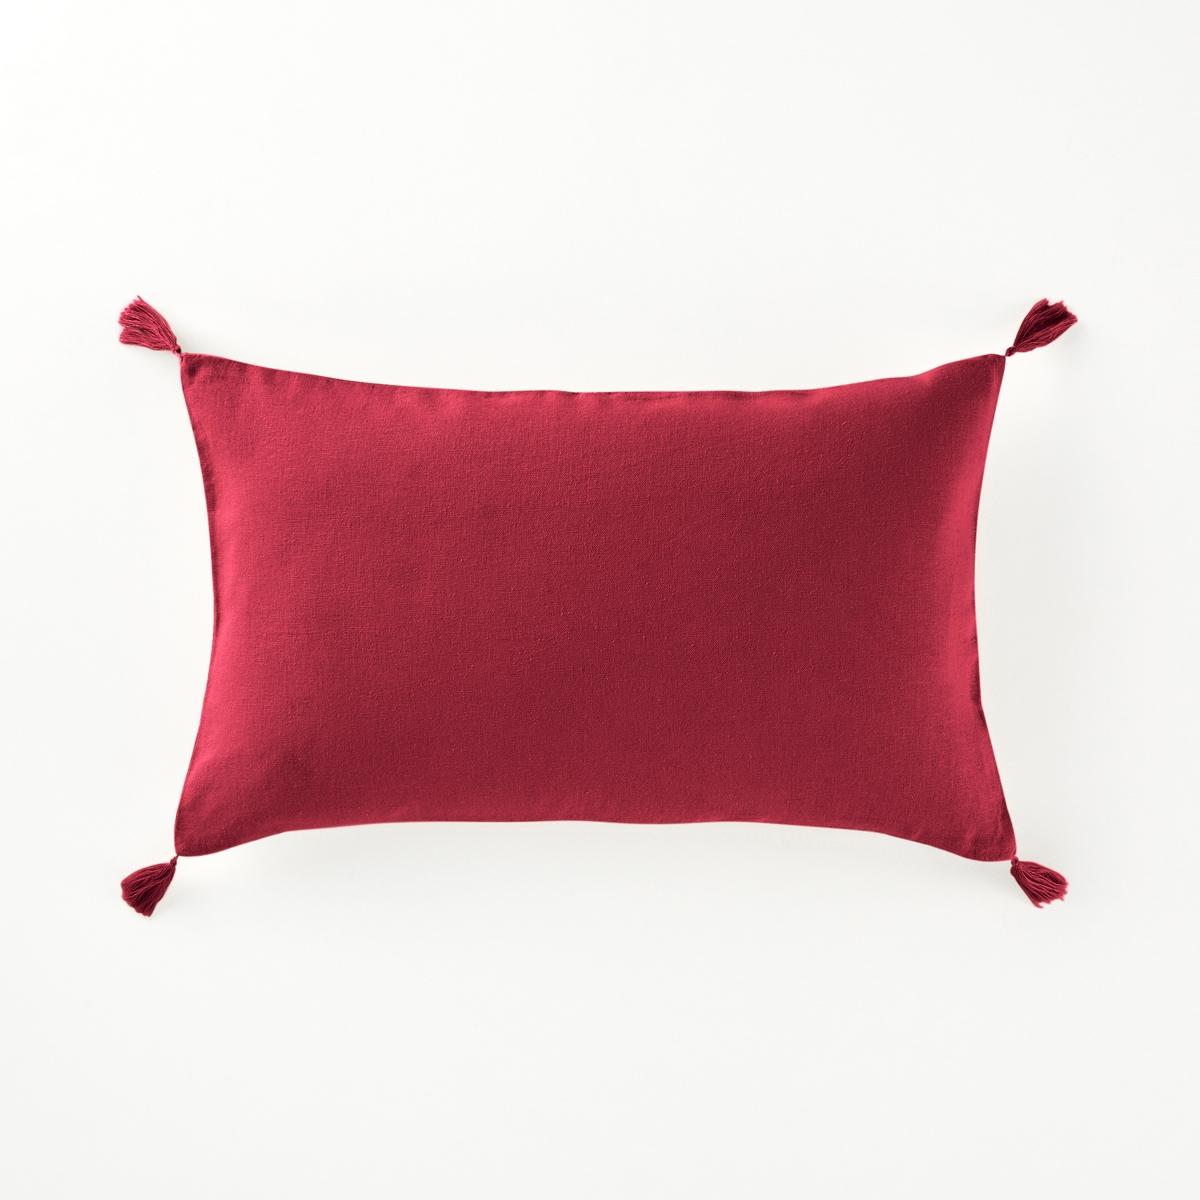 Наволочка на подушку-валик из льна и вискозы, OdorieНаволочка на подушку-валик с кисточками из льна и вискозы,  Odorie, La Redoute Int?rieurs.Наволочка на подушку-валик для ежедневного использования: красивое сочетание льна и вискозы, отделка кисточками.Характеристики чехла для подушки :Материал : 55% льна, 45% вискозыЗастежка на скрытую молнию. Уход : Машинная стирка при 40 °С. Отделка кисточками по 4 углам.Размеры наволочки на подушку-валик :50 x 30 см.    Уход :Следуйте рекомендациям по уходу, указанным на этикетке изделия.  Знак Oeko-Tex® гарантирует, что товары прошли проверку и были изготовлены без применения вредных для здоровья человека веществ.<br><br>Цвет: бежевый,гранатовый,сине-зеленый<br>Размер: 50 x 30 см.50 x 30 см